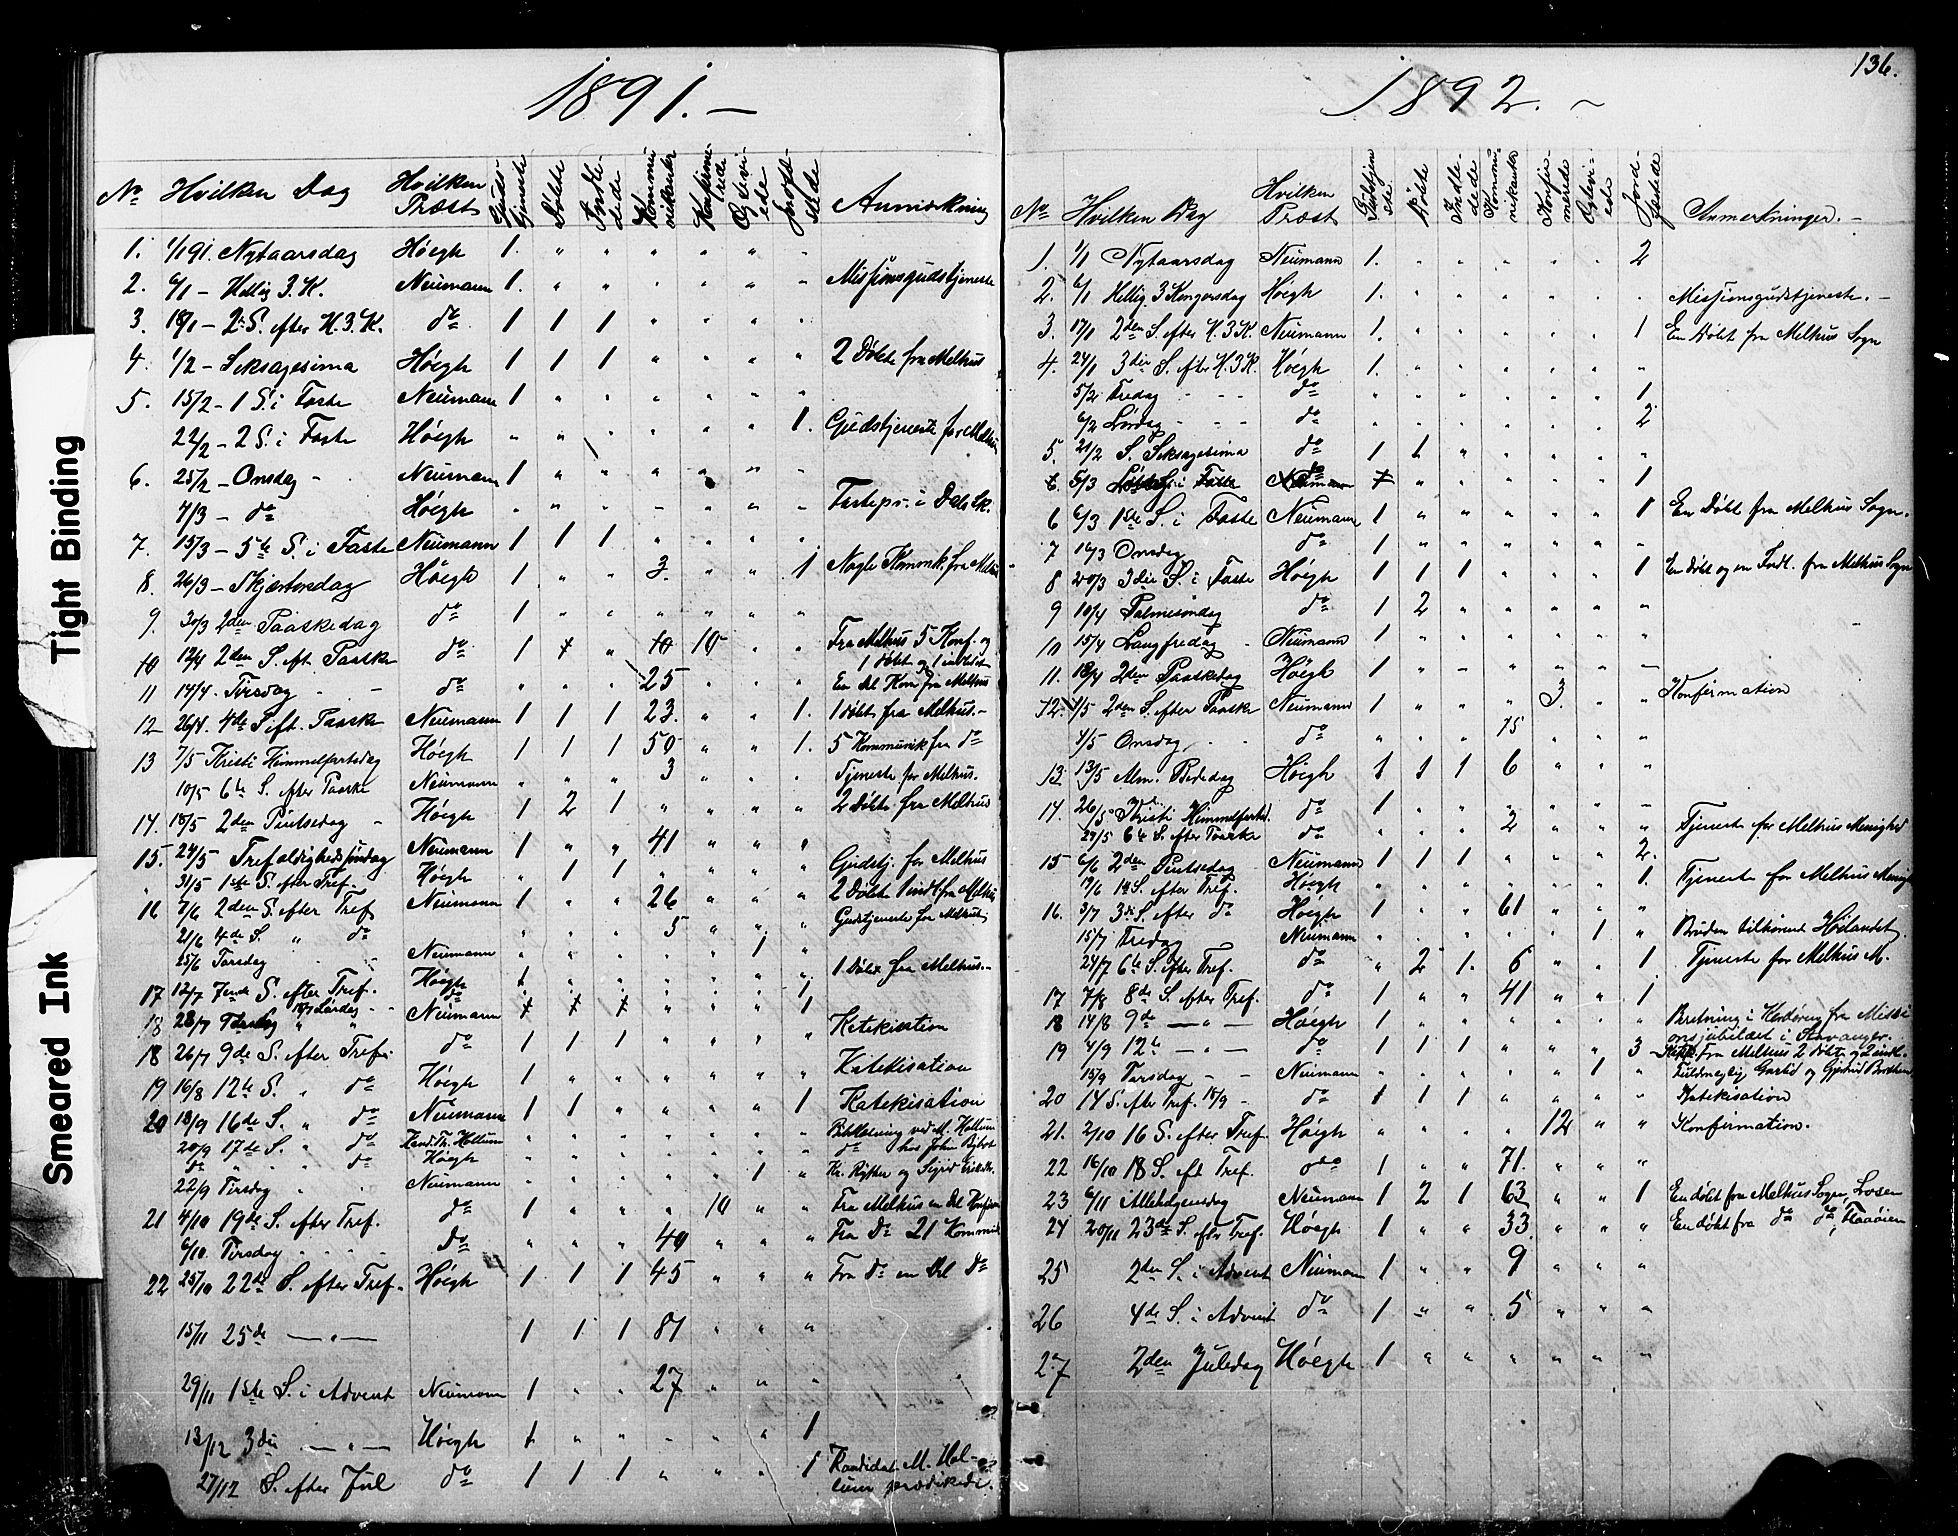 SAT, Ministerialprotokoller, klokkerbøker og fødselsregistre - Sør-Trøndelag, 693/L1123: Klokkerbok nr. 693C04, 1887-1910, s. 136